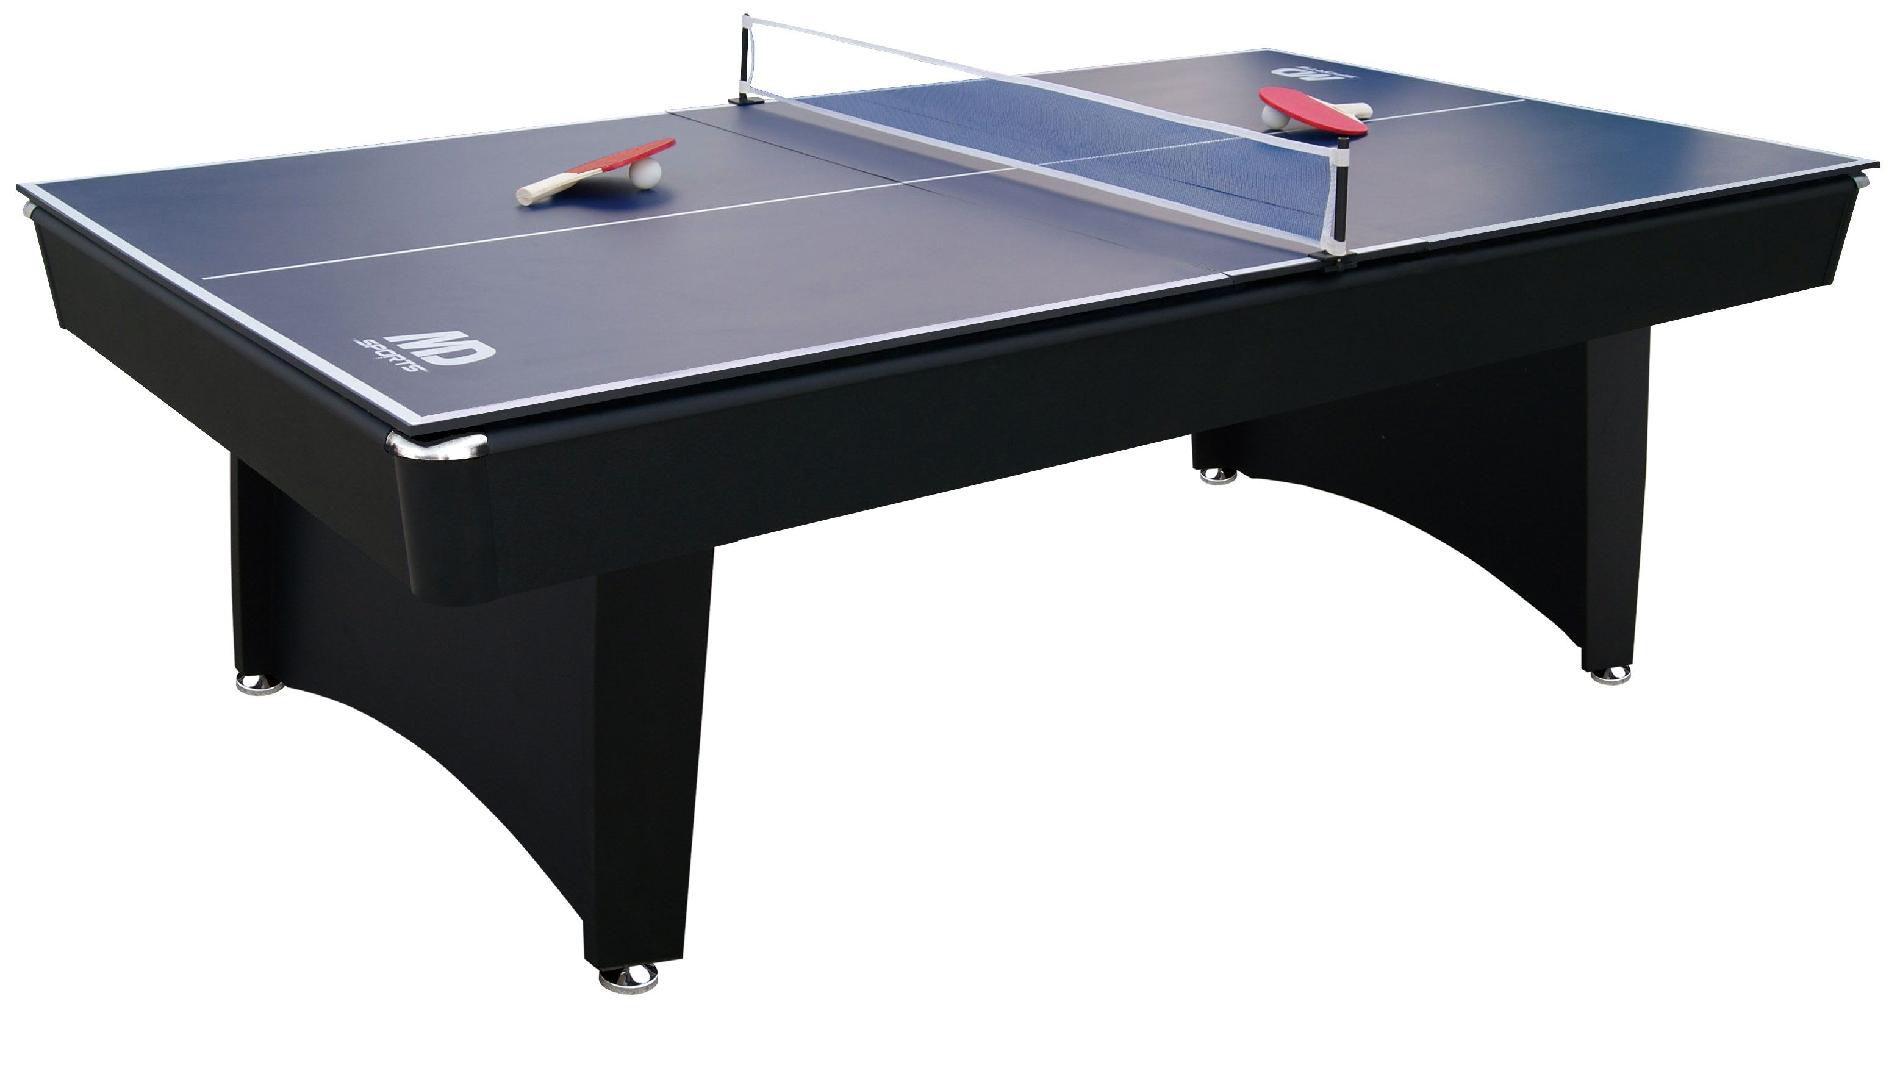 MD Sports 7ft Brookfield Billiard Table w/ BONUS Table Tennis Top